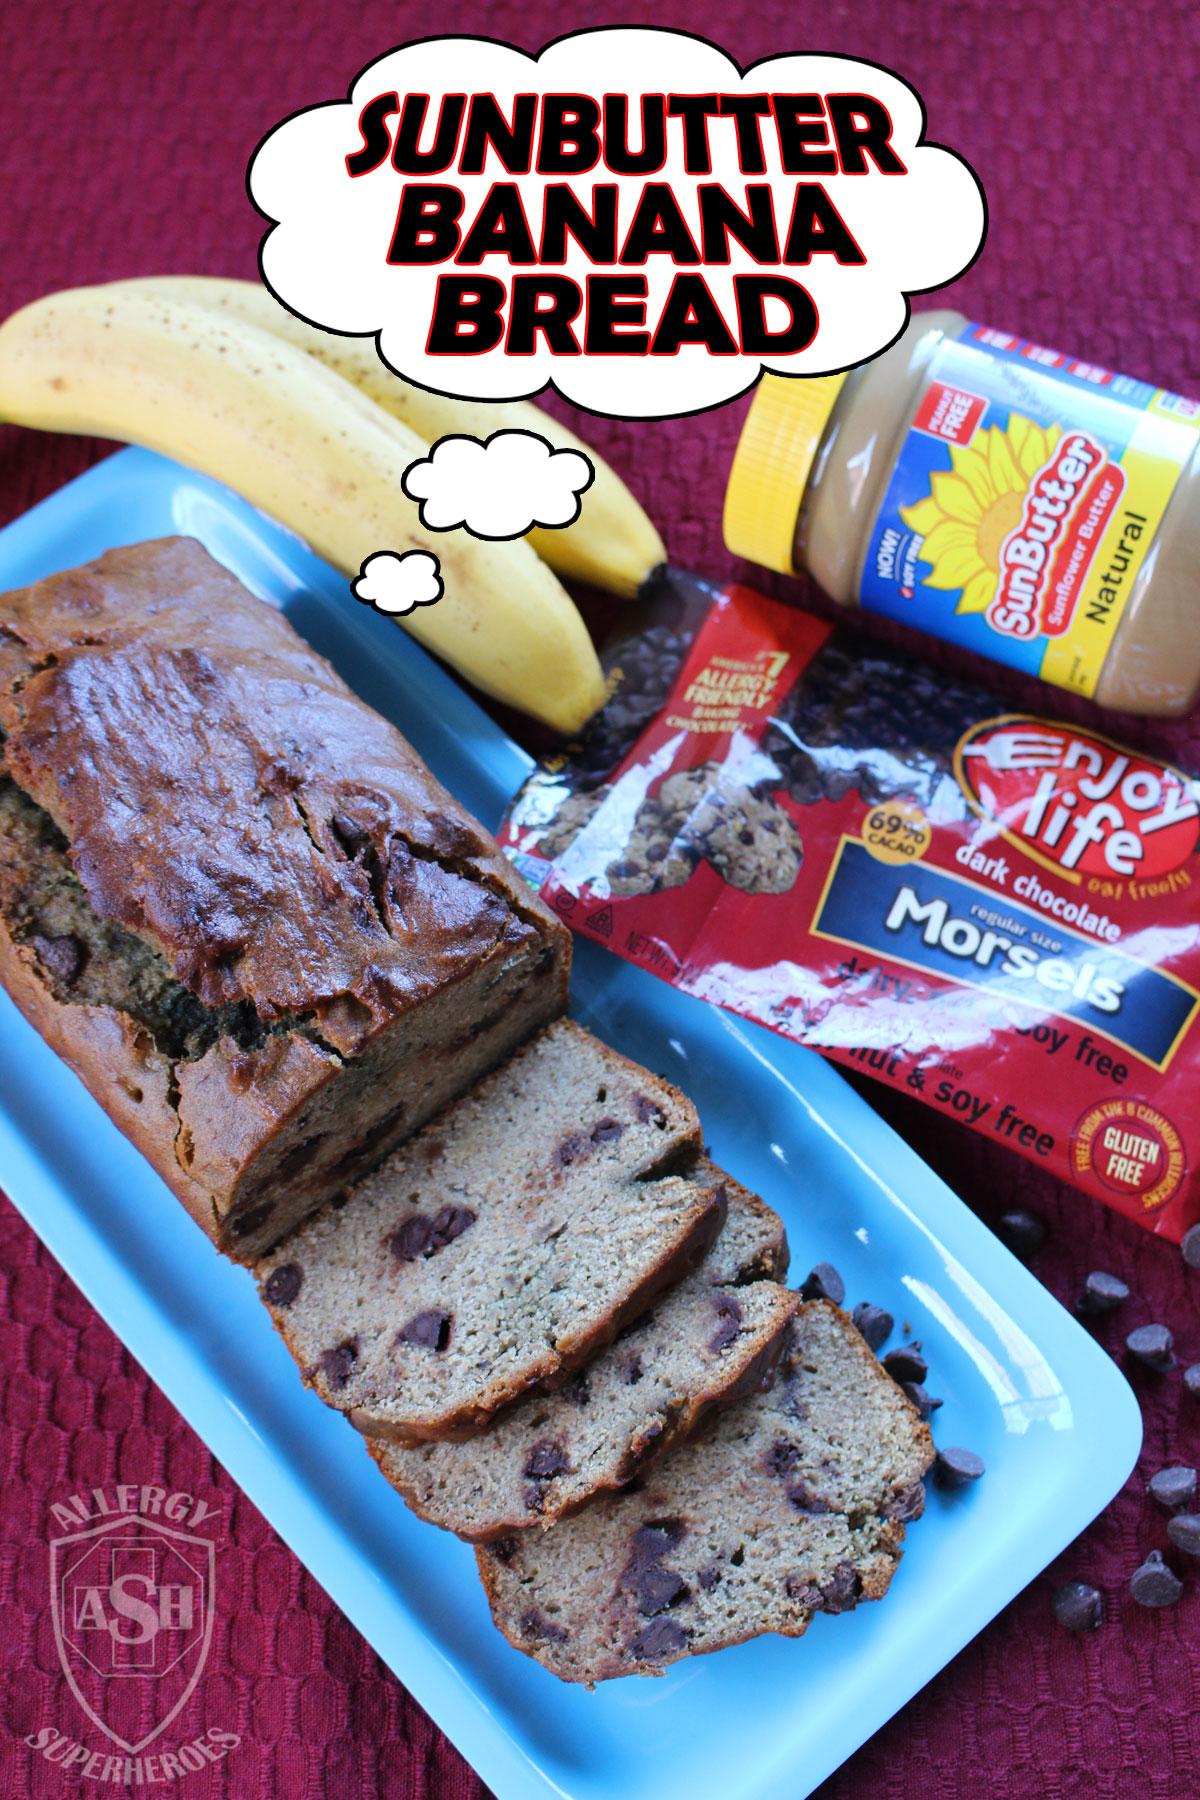 Sunbutter Banana Bread